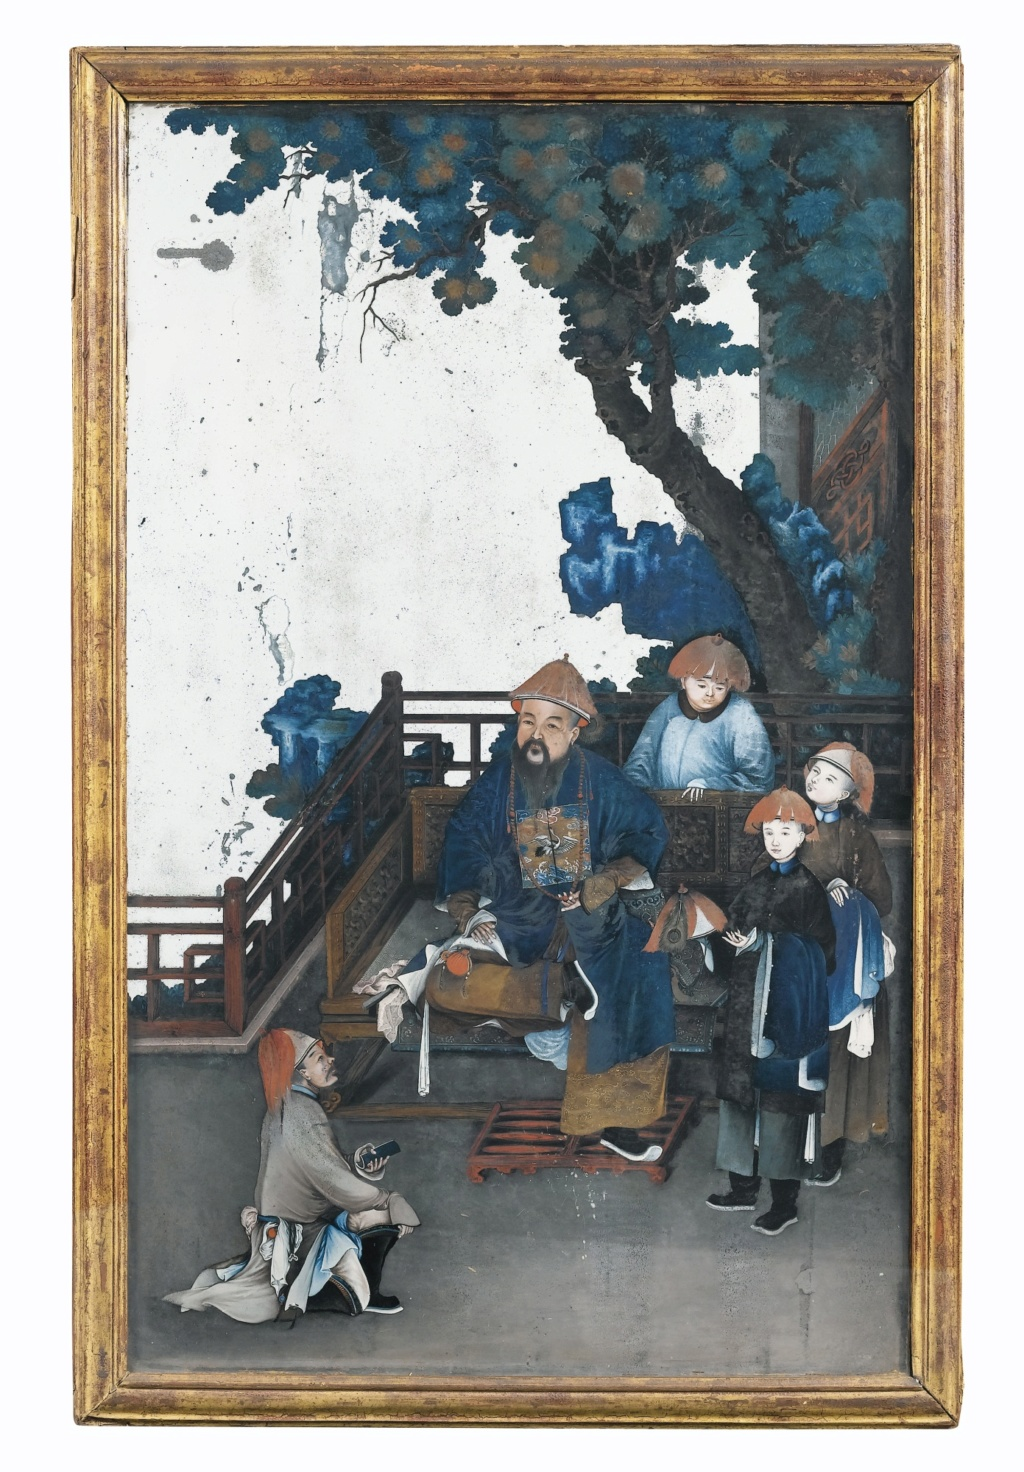 La peinture sous / sur verre chinoise au XVIIIe siècle 117pf110